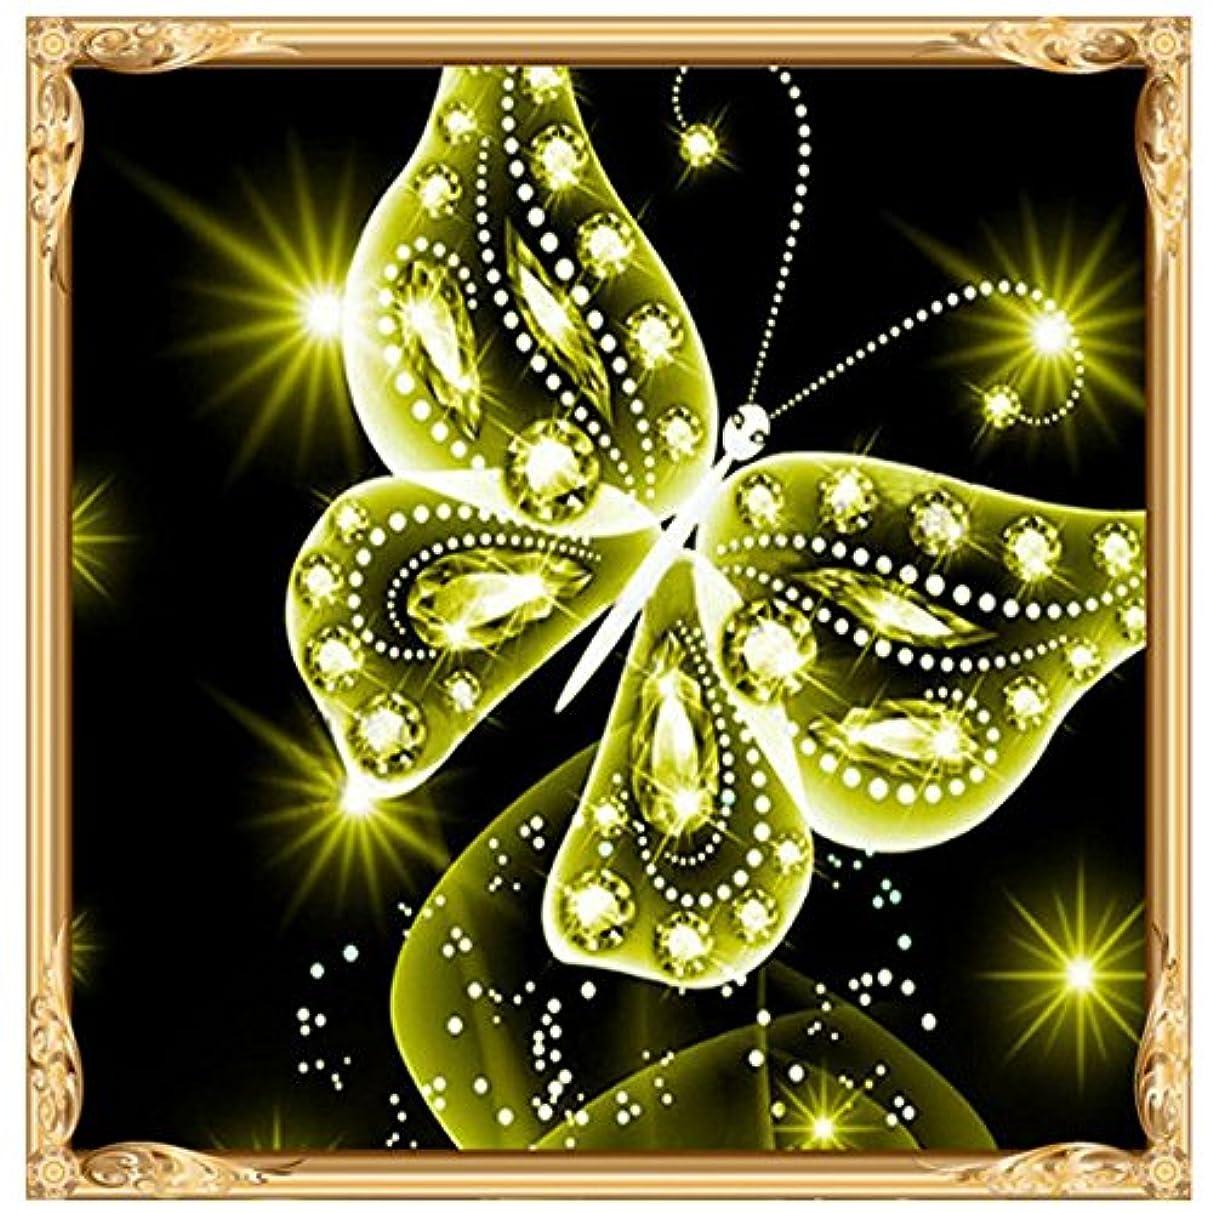 オペラコロニーたくさん5D 手作りダイヤモンド絵画 、おしゃれ 5D刺繍絵画 クロスステッチ キット ダイヤモンド刺繍絵画 25*25CM (グリーン)